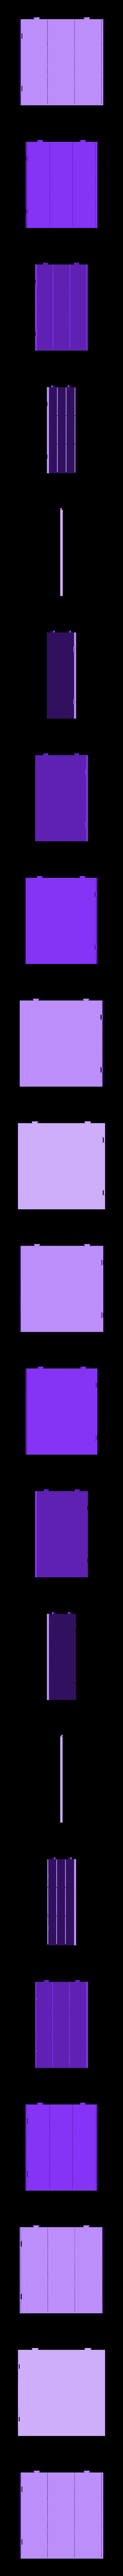 SE_QUAD.stl Télécharger fichier STL gratuit Tsuro Game Board • Objet à imprimer en 3D, jbrum360